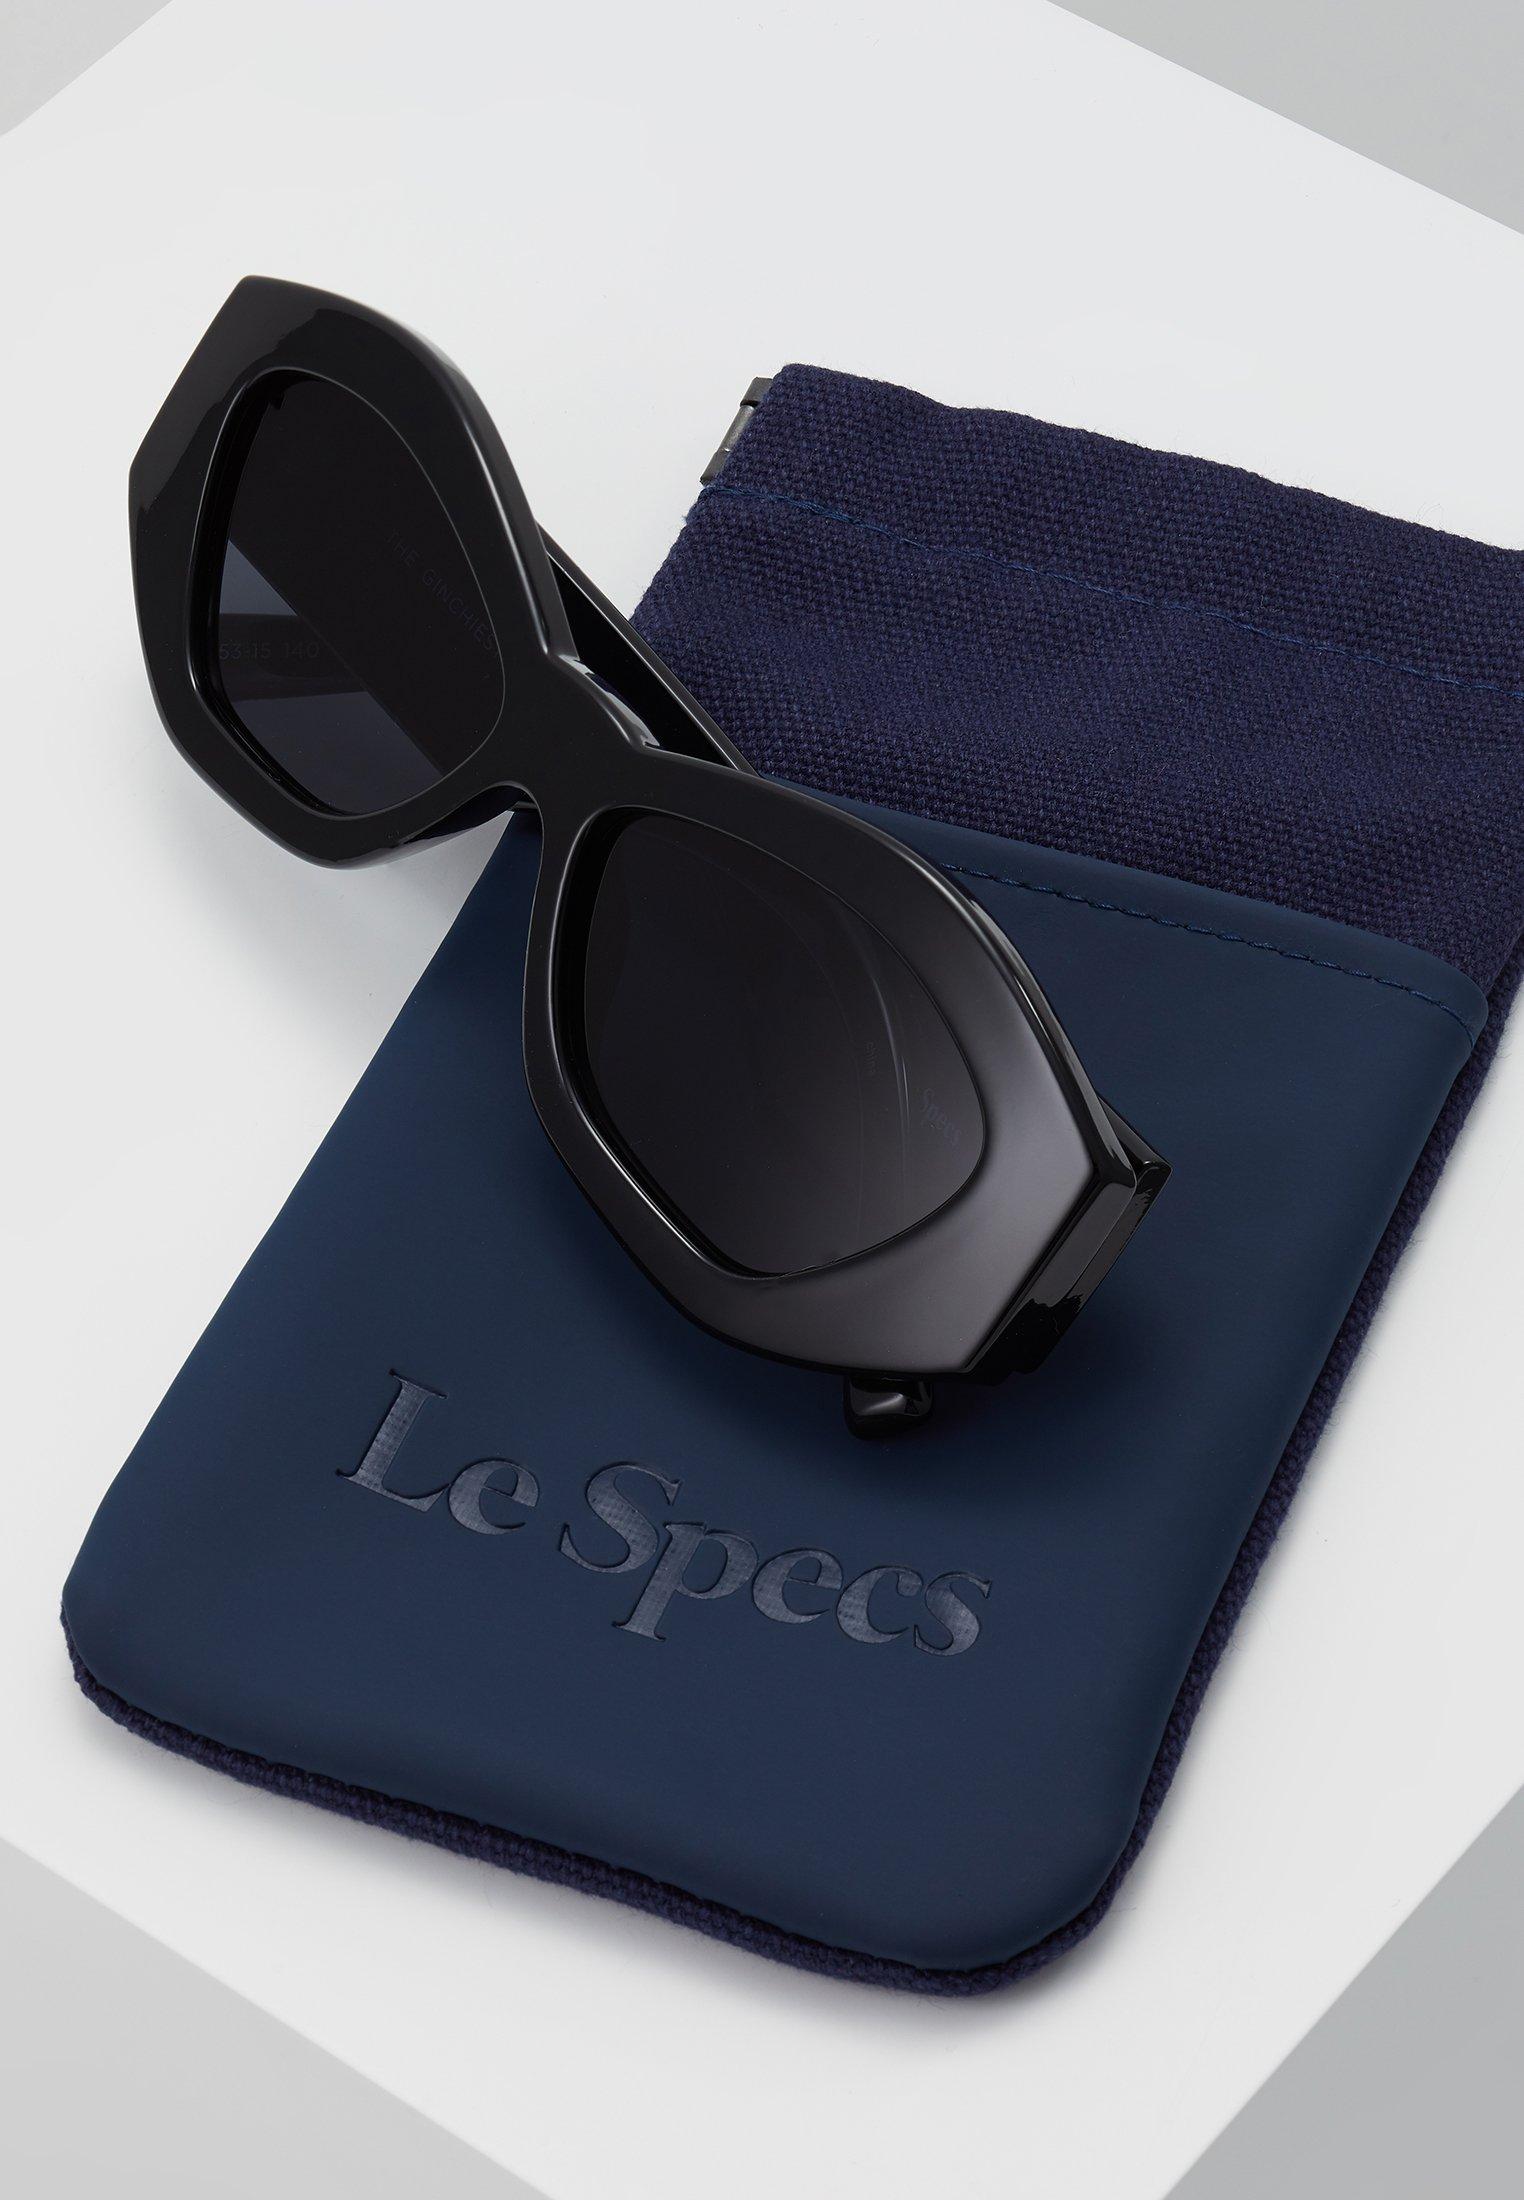 Soleil De The Black Specs GinchiestLunettes Le doeBCx